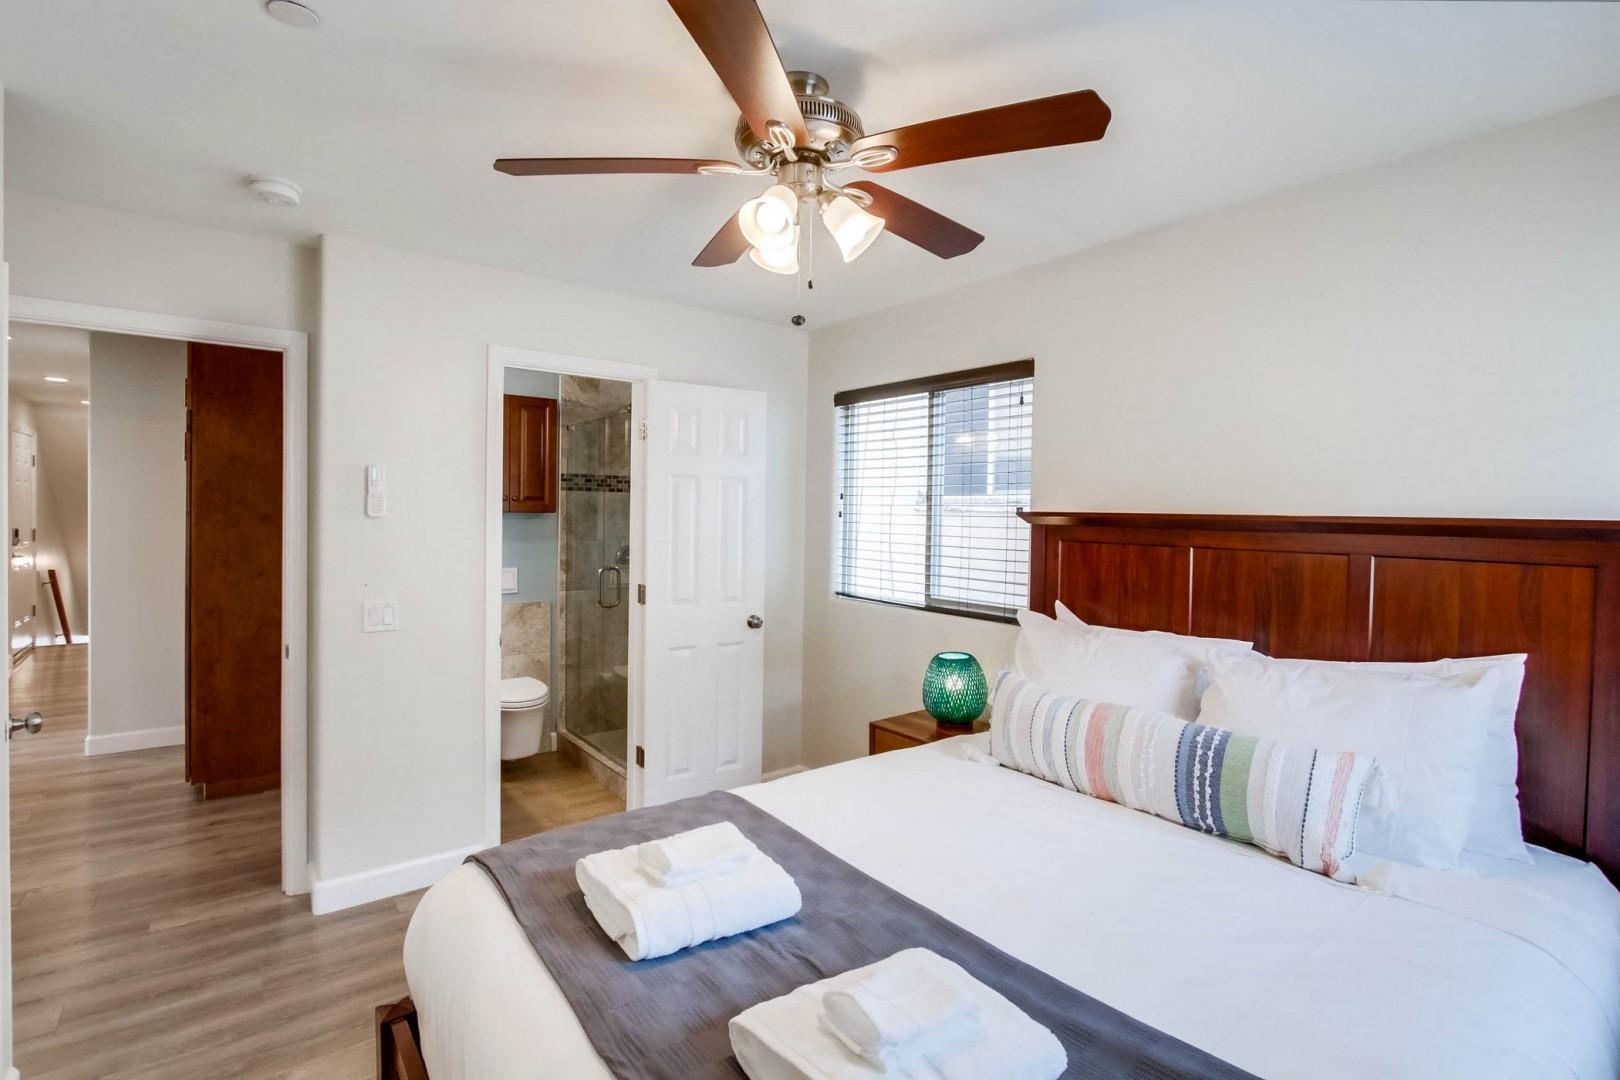 Bedroom 4 with an en-suite bath